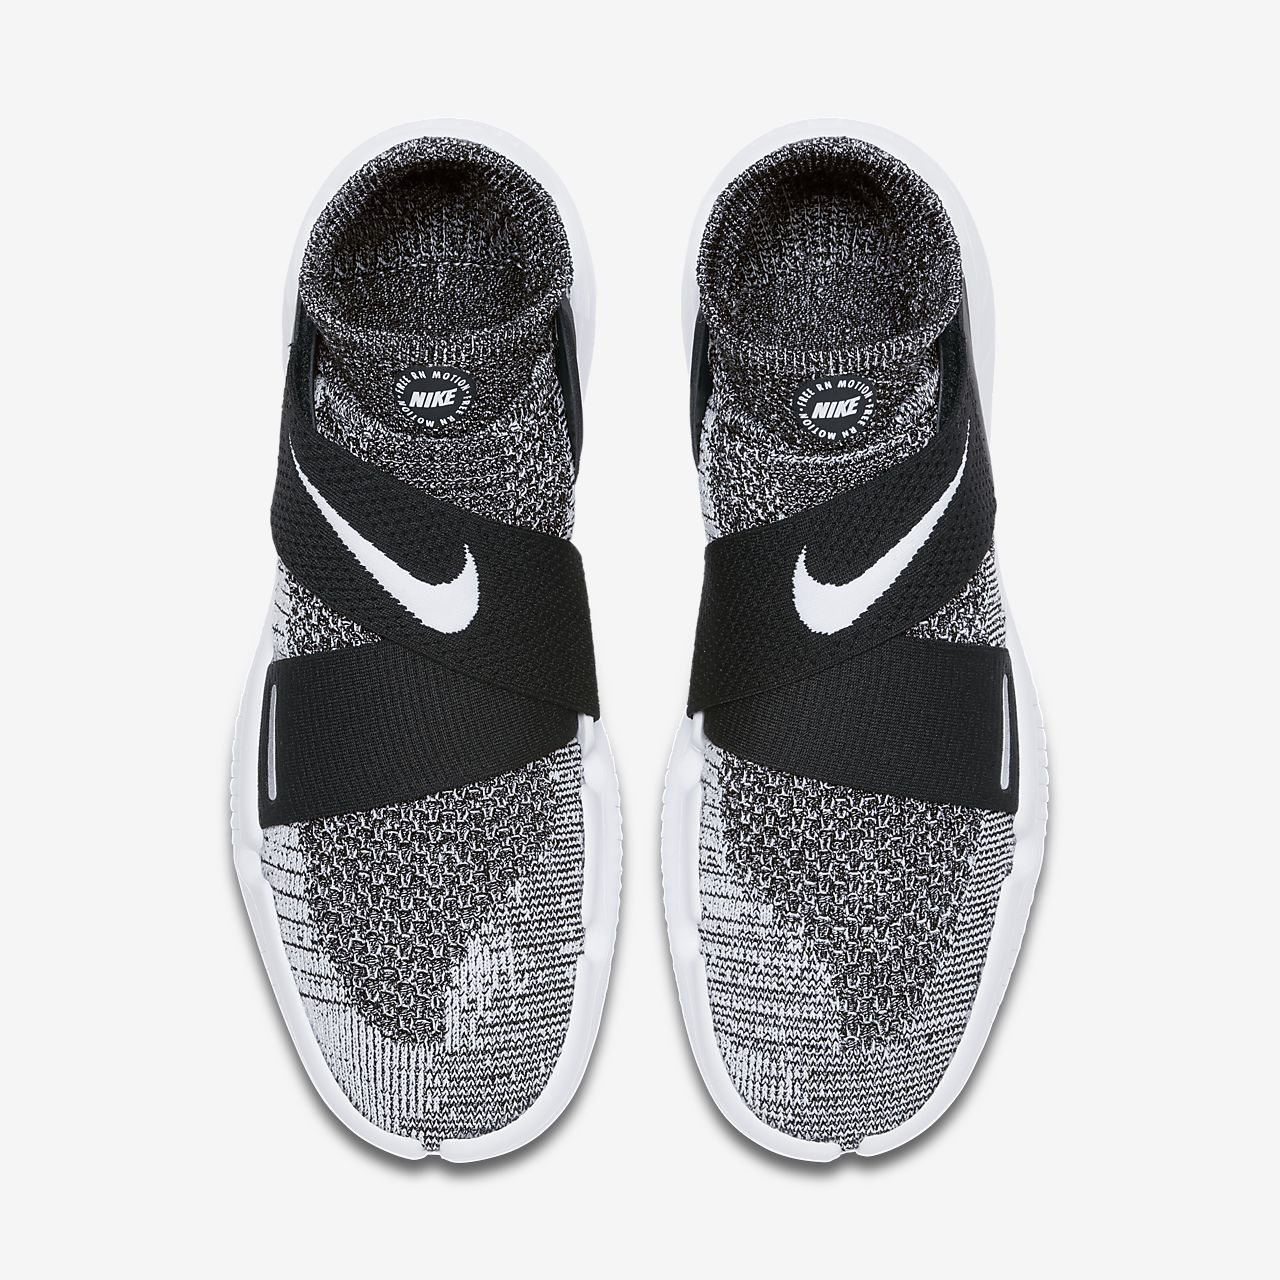 49d2018b9bb16 Acquista scarpe nike free rn - OFF62% sconti